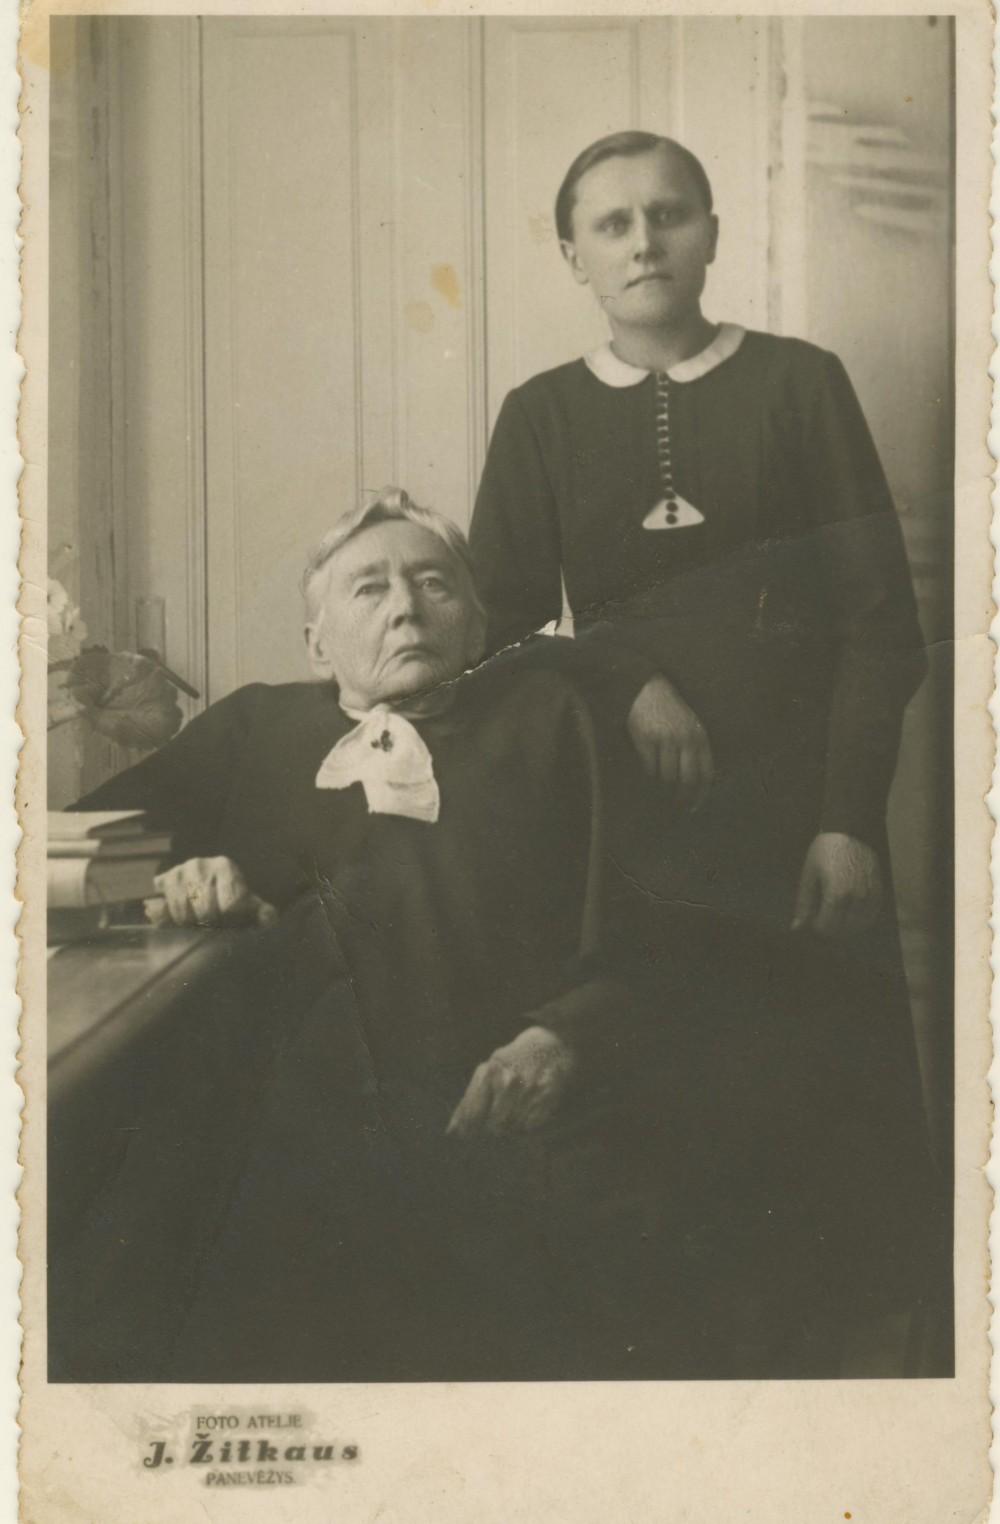 G. Petkevičaitė su savo šeimininke Maryte Galiauskaite. Panevėžys. 1942 m. J. Žitkaus nuotrauka